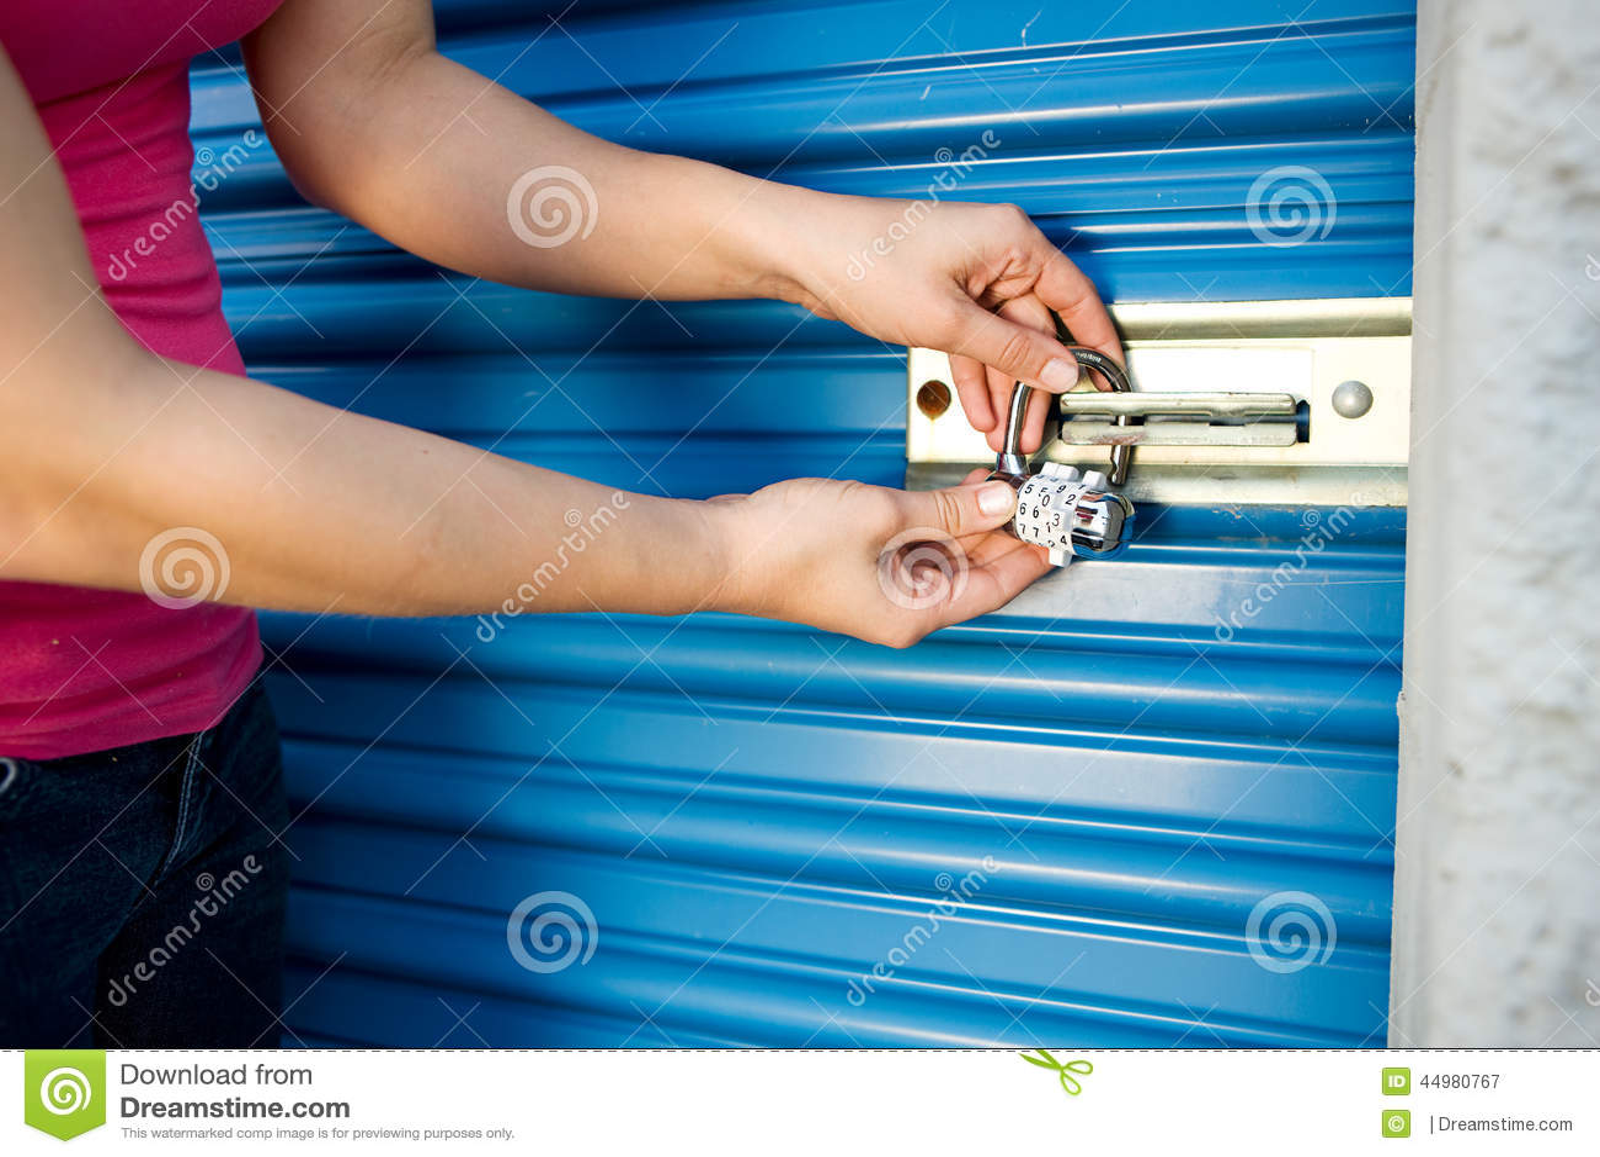 Хранение: Добавьте замок к двери блока